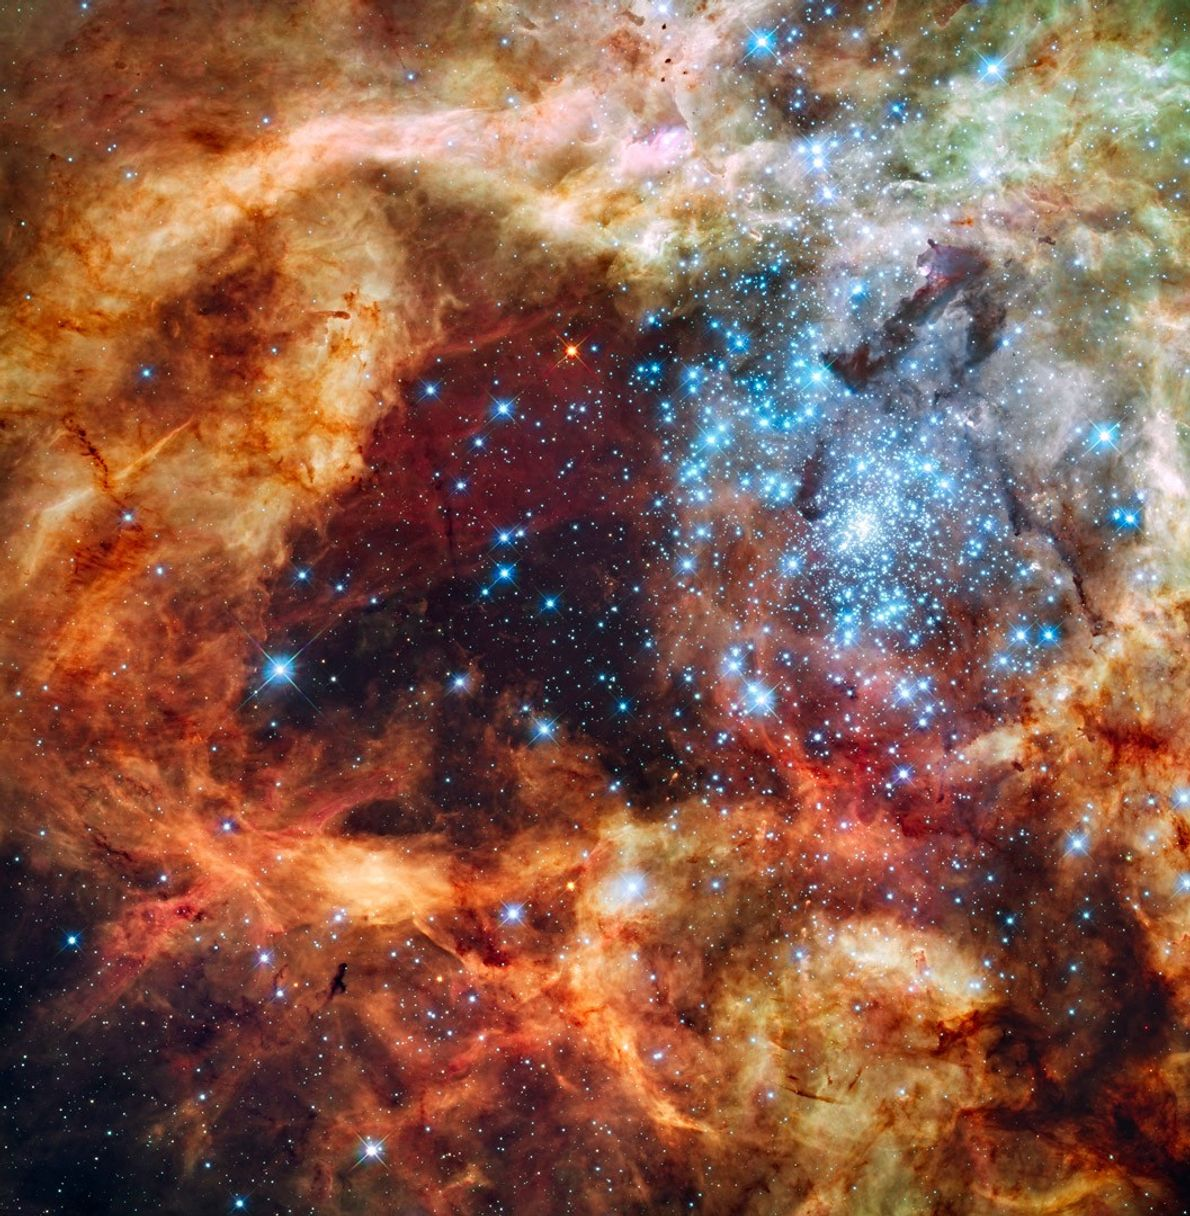 Un cúmulo de estrellas jóvenes llenas de energía iluminan un hueco en el polvo de la ...